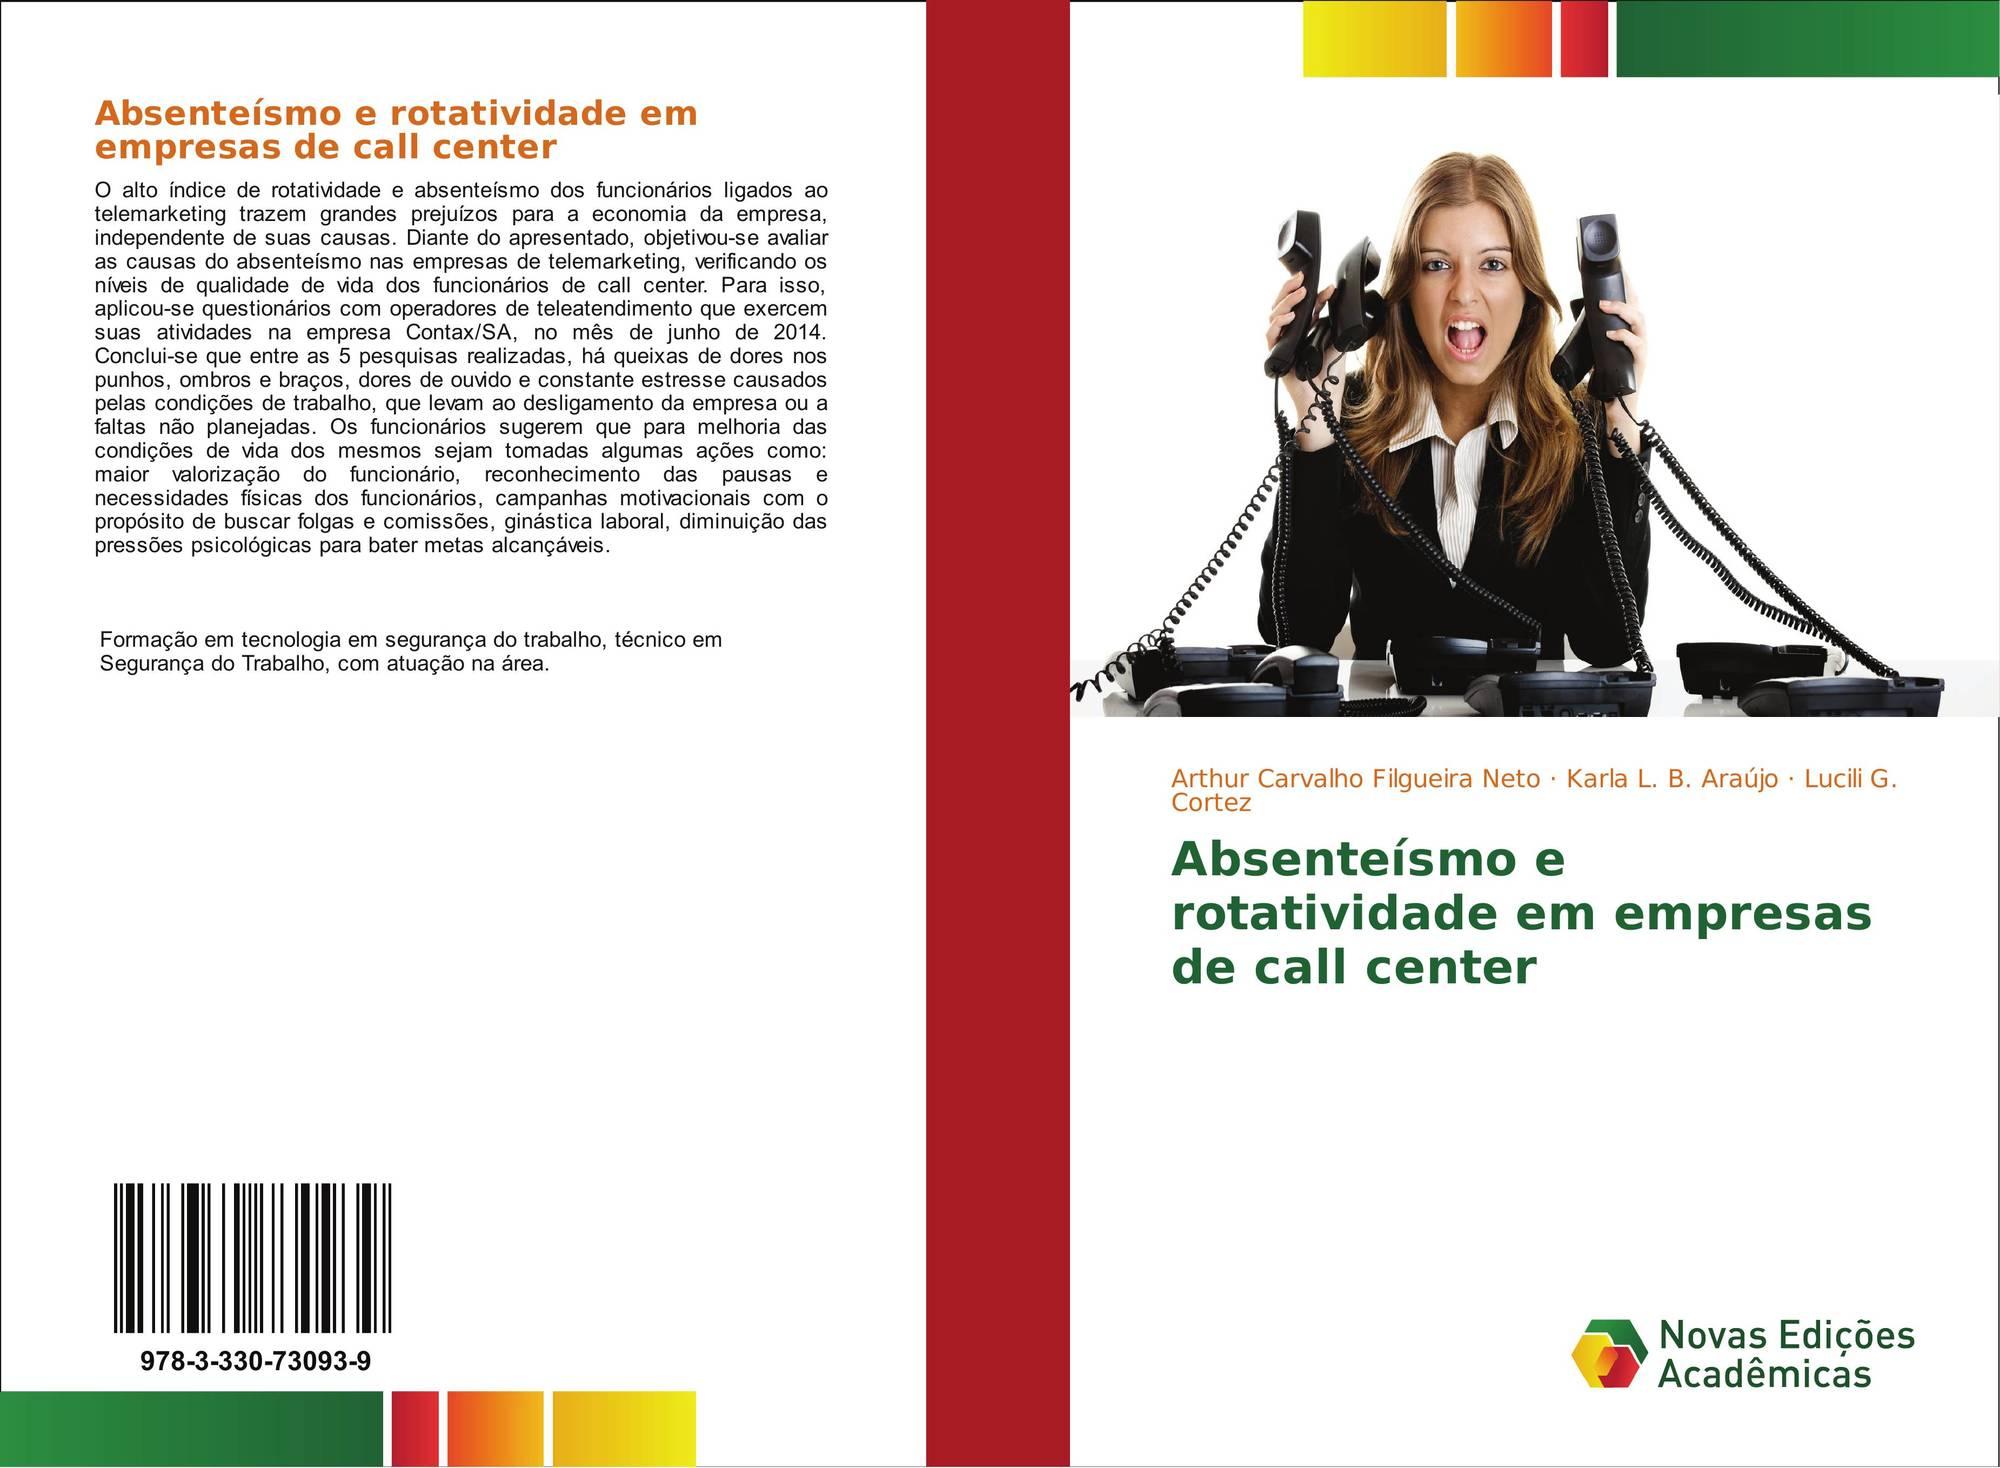 Absenteísmo E Rotatividade Em Empresas De Call Center 978 3